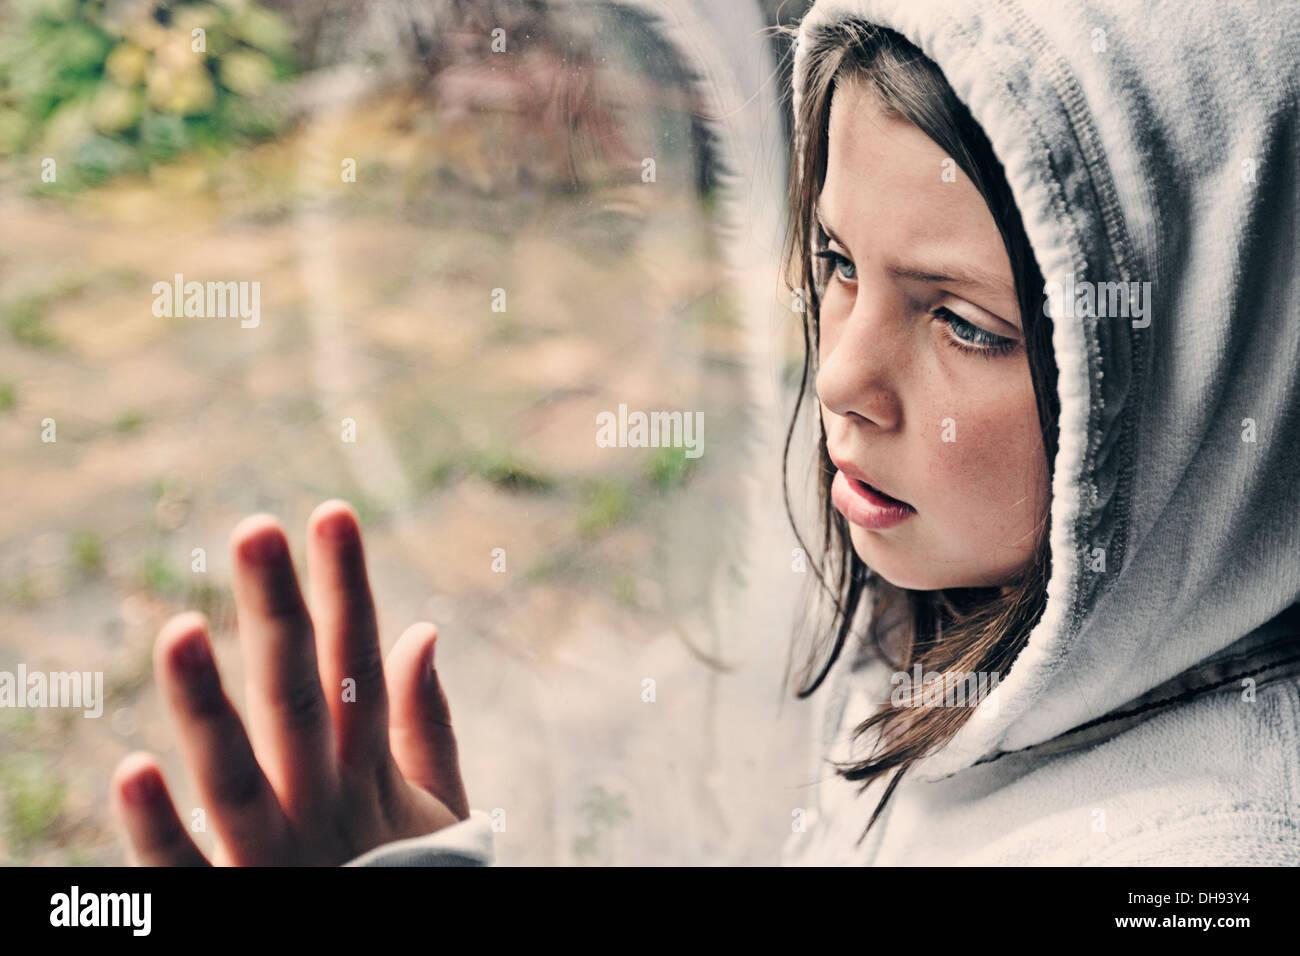 Joven mirando hacia afuera de la ventana Imagen De Stock